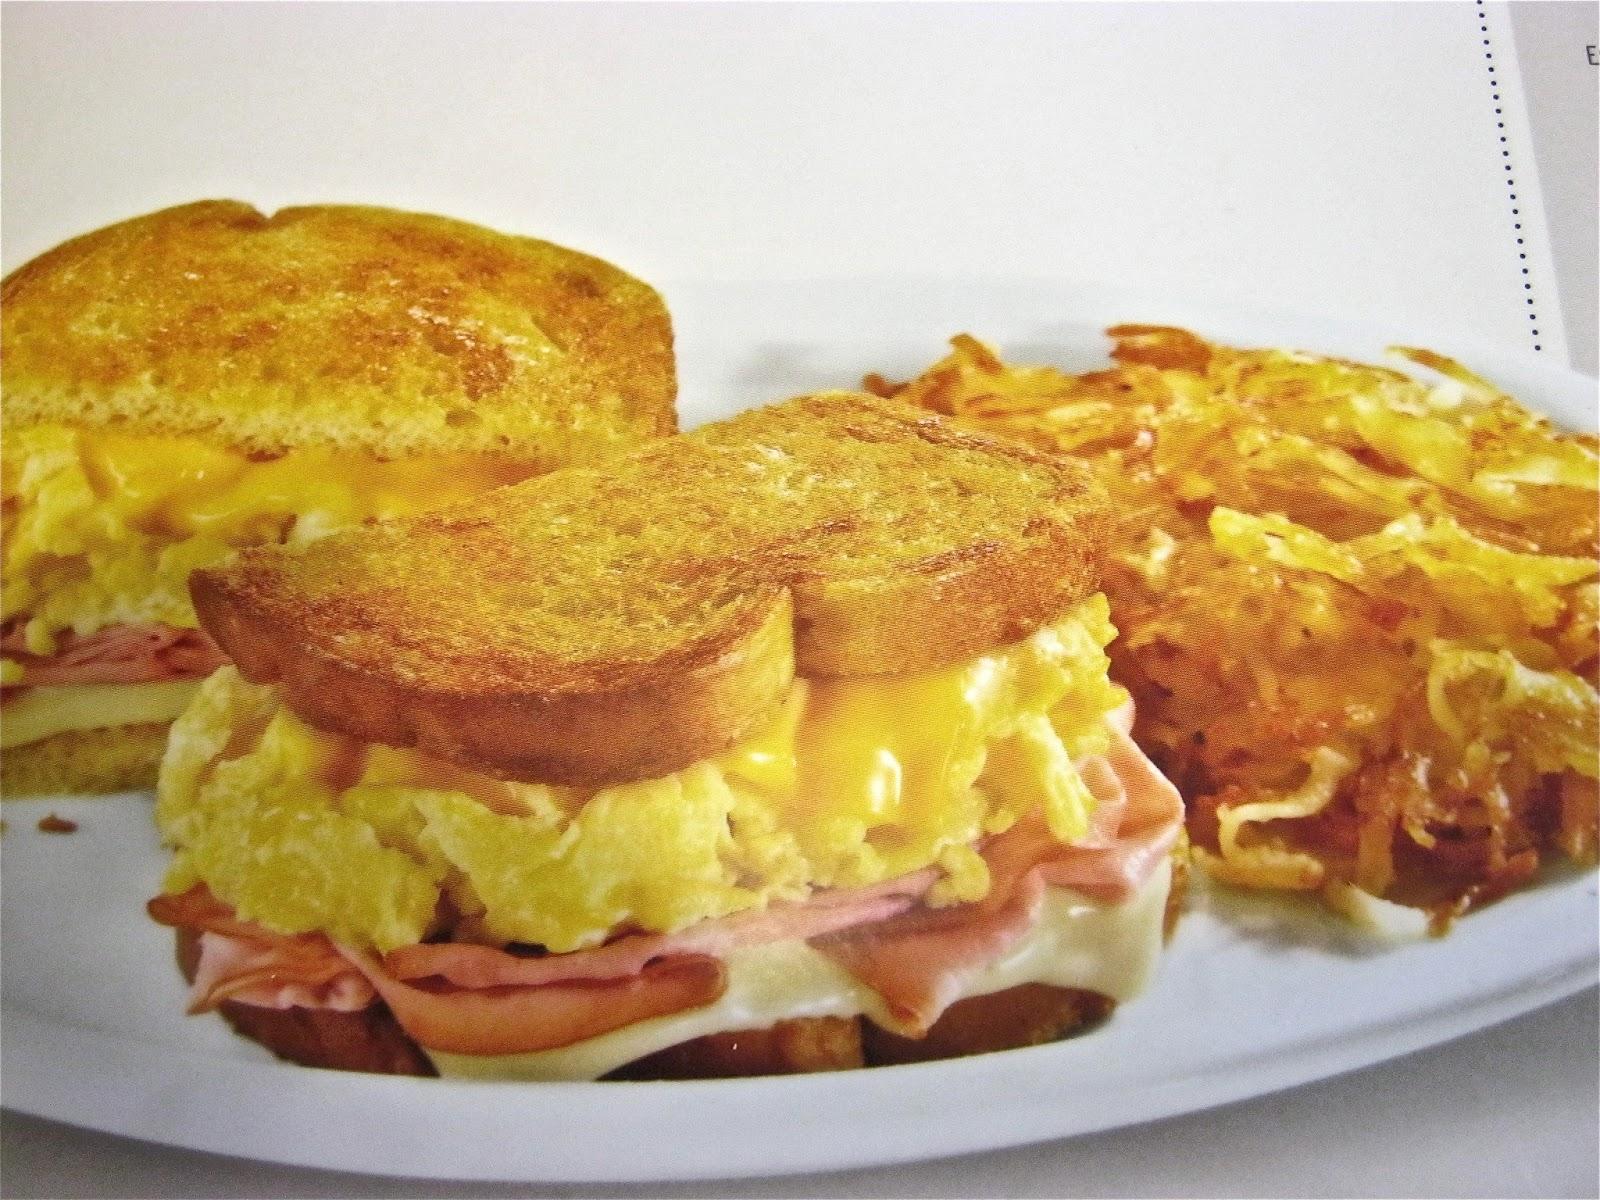 Moons Cafe Breakfast Menu